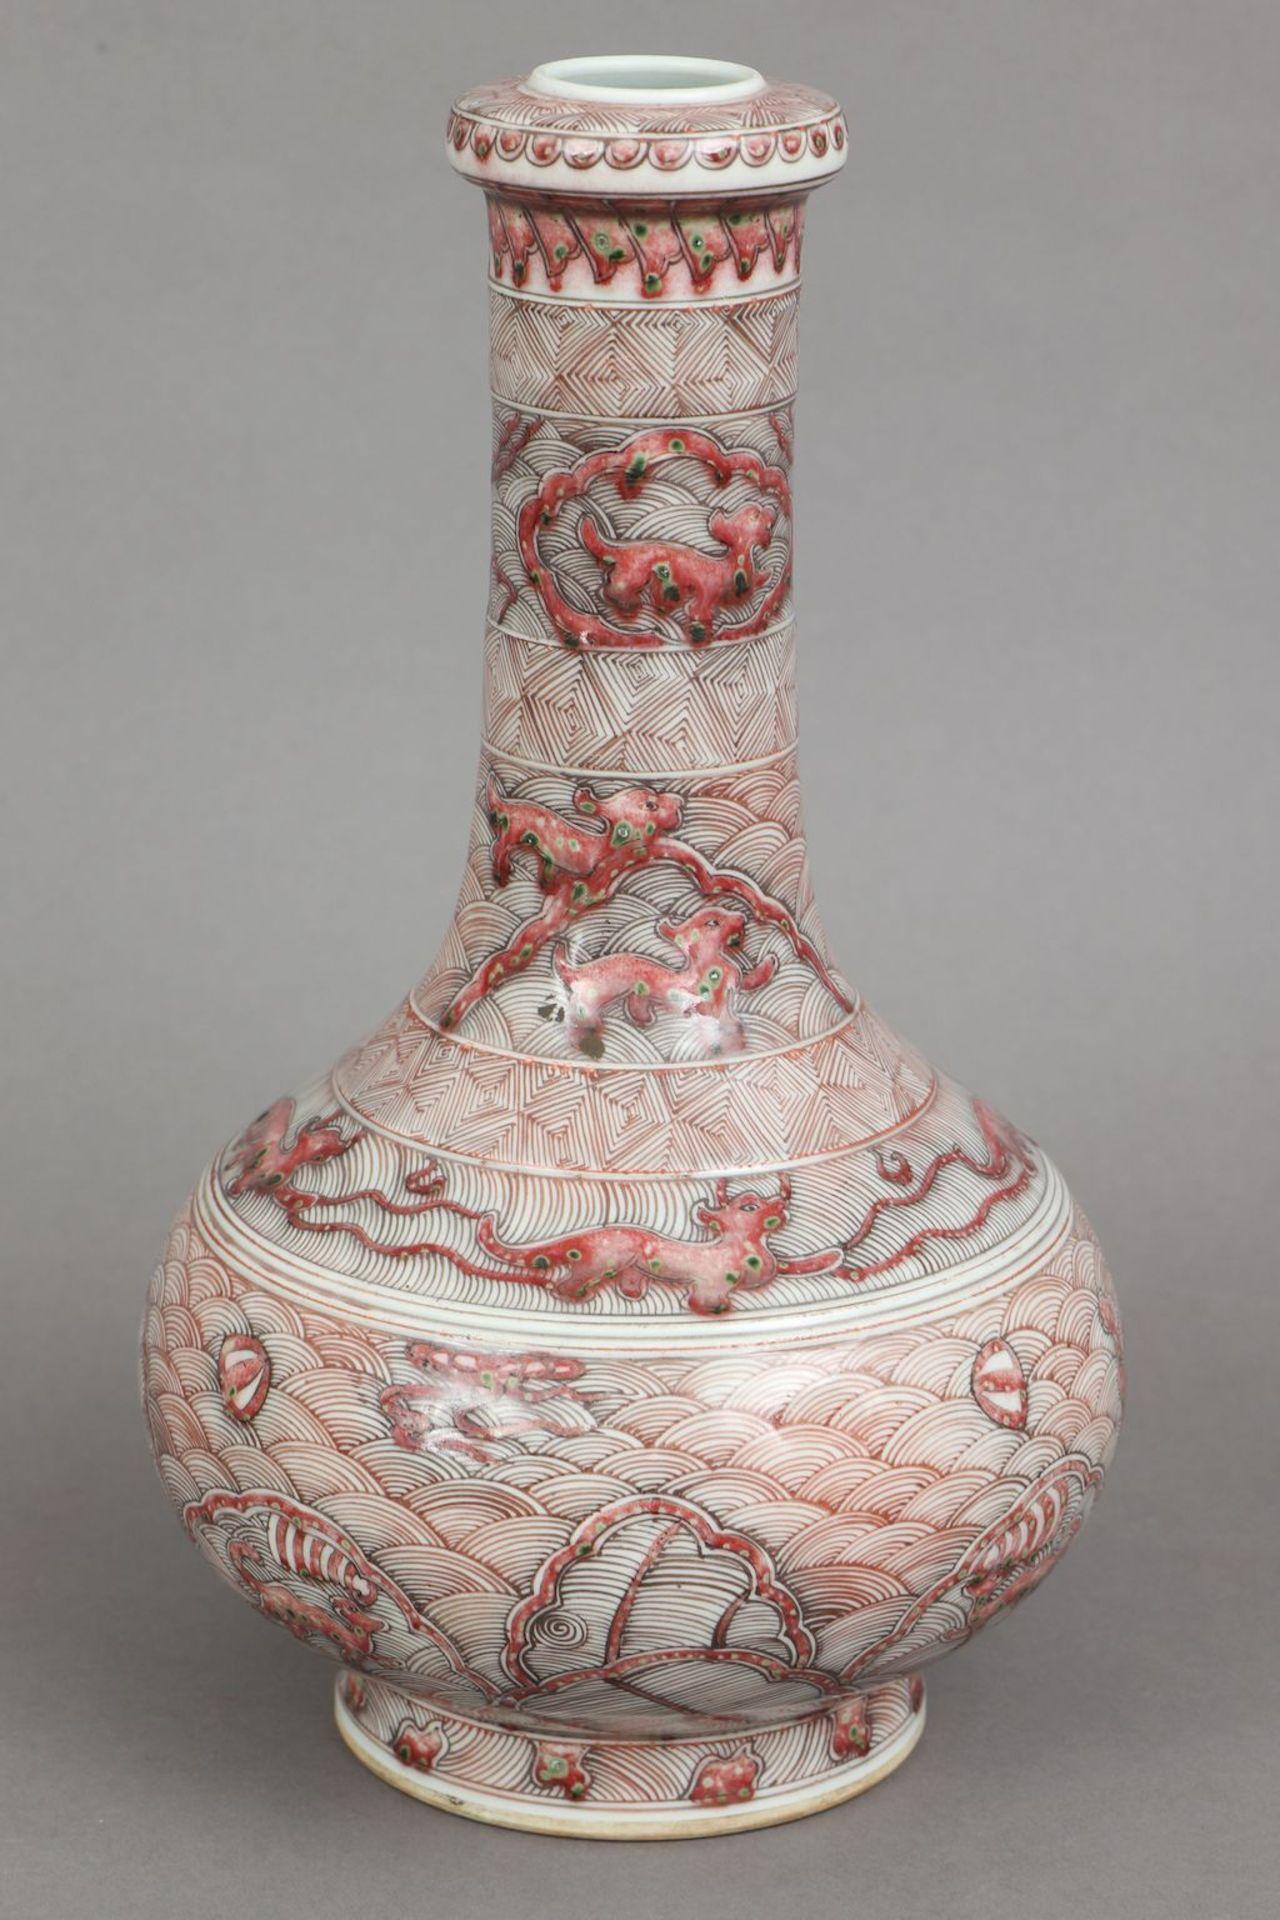 Chinesische Porzellanvase mit korallenrotem Drachendekor